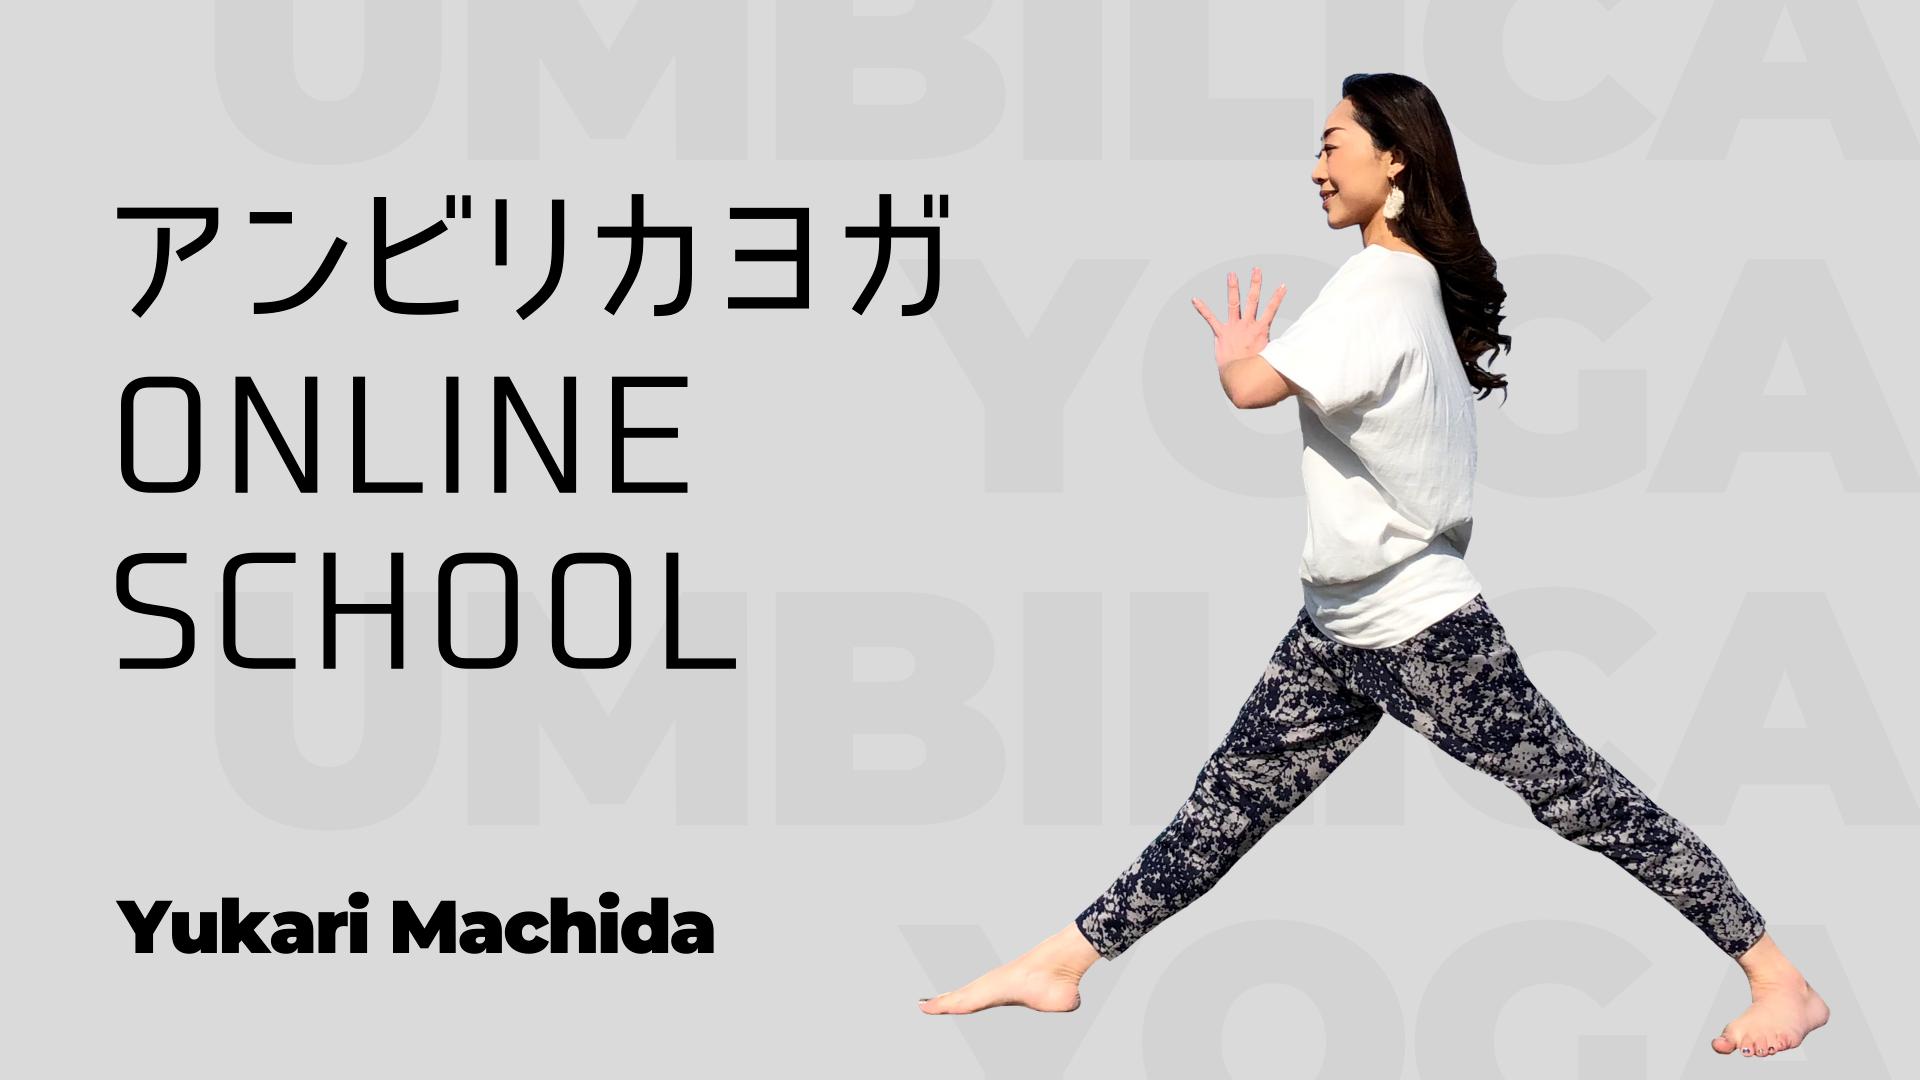 町田ユカリ - アンビリカヨガ online school - DMM オンラインサロン